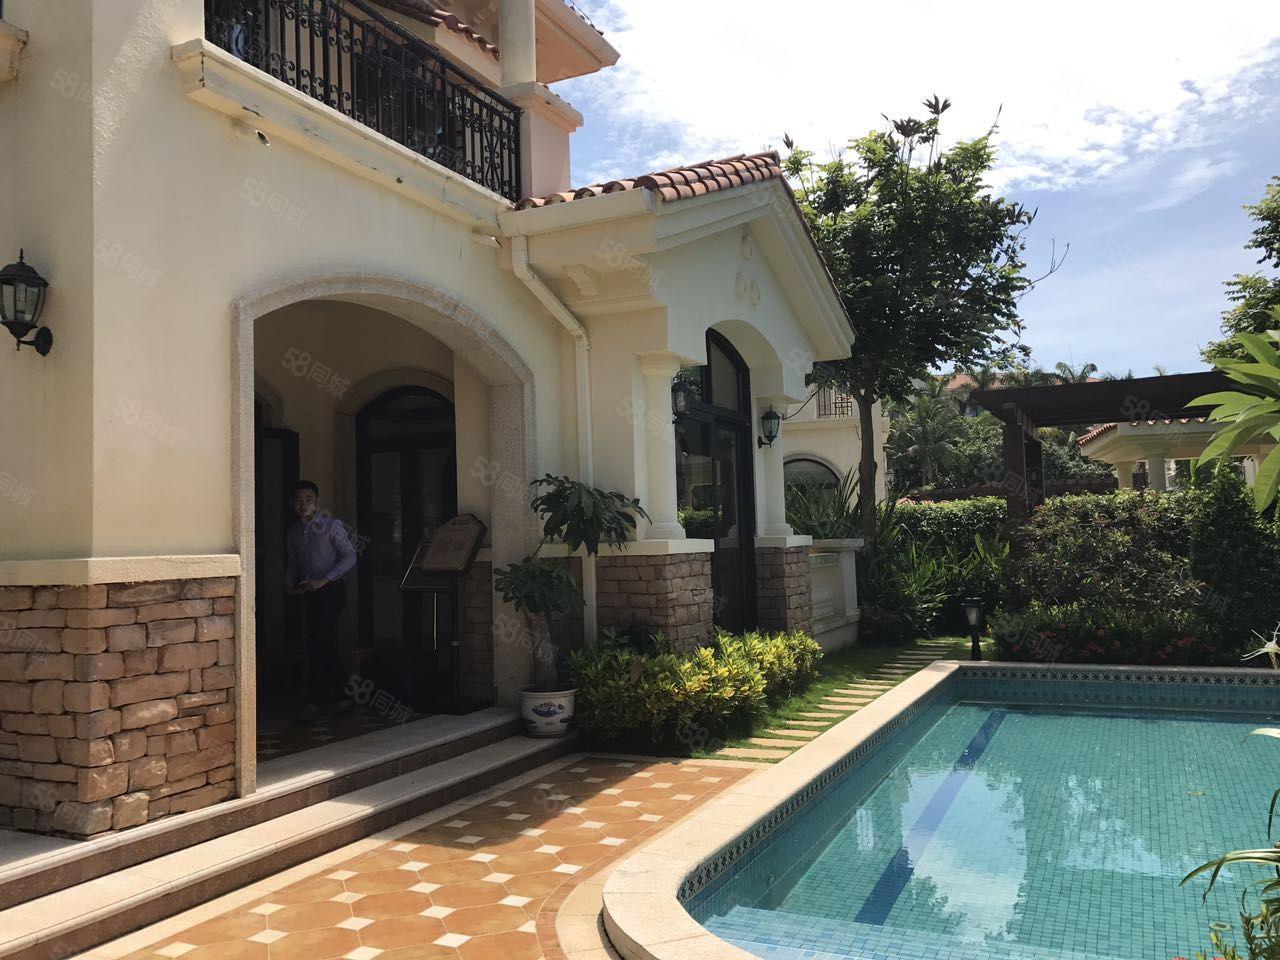 金泰南燕湾现房一线海景独栋别墅海景高尔夫带车位花园泳池